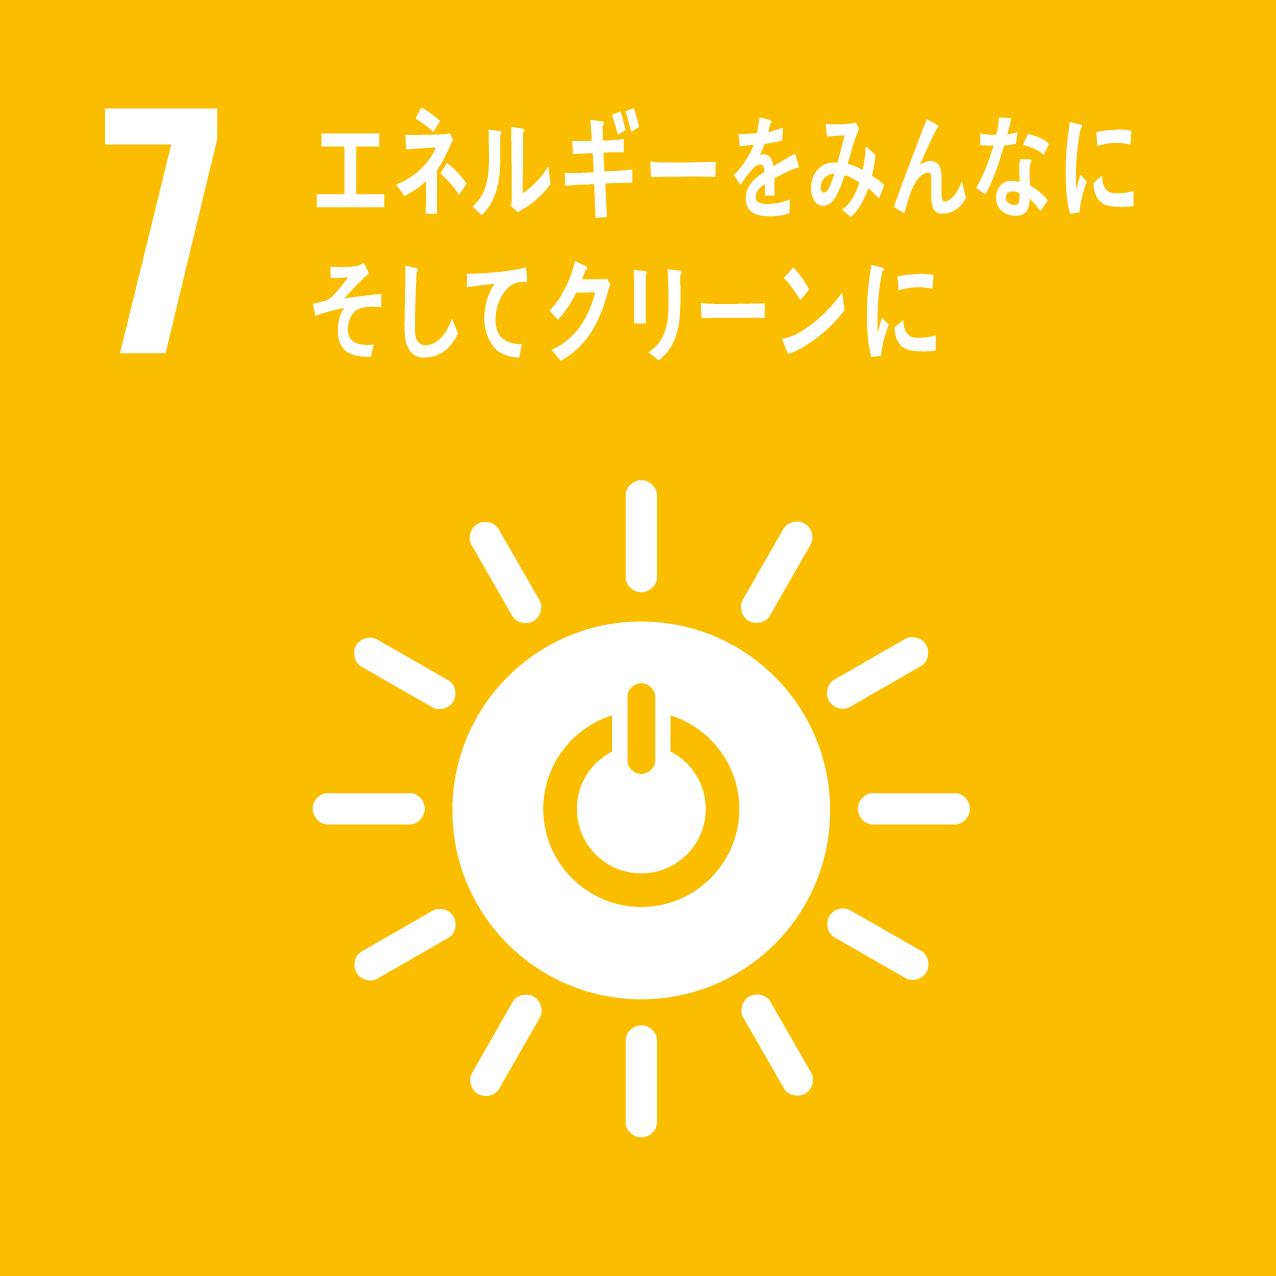 SDGs 7.エネルギーをみんなにそしてクリーンに